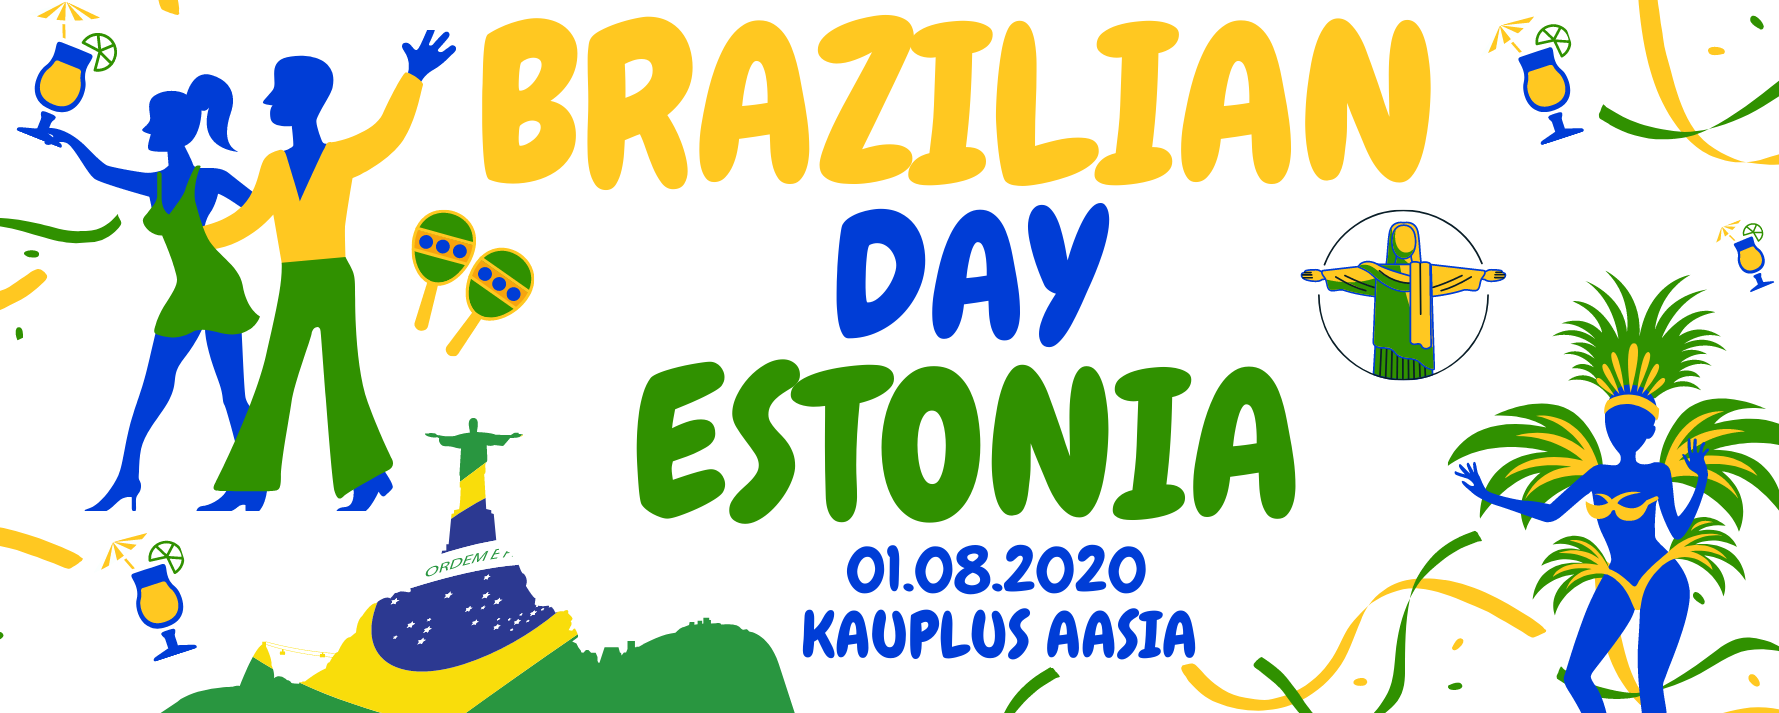 brazilian day na estonia